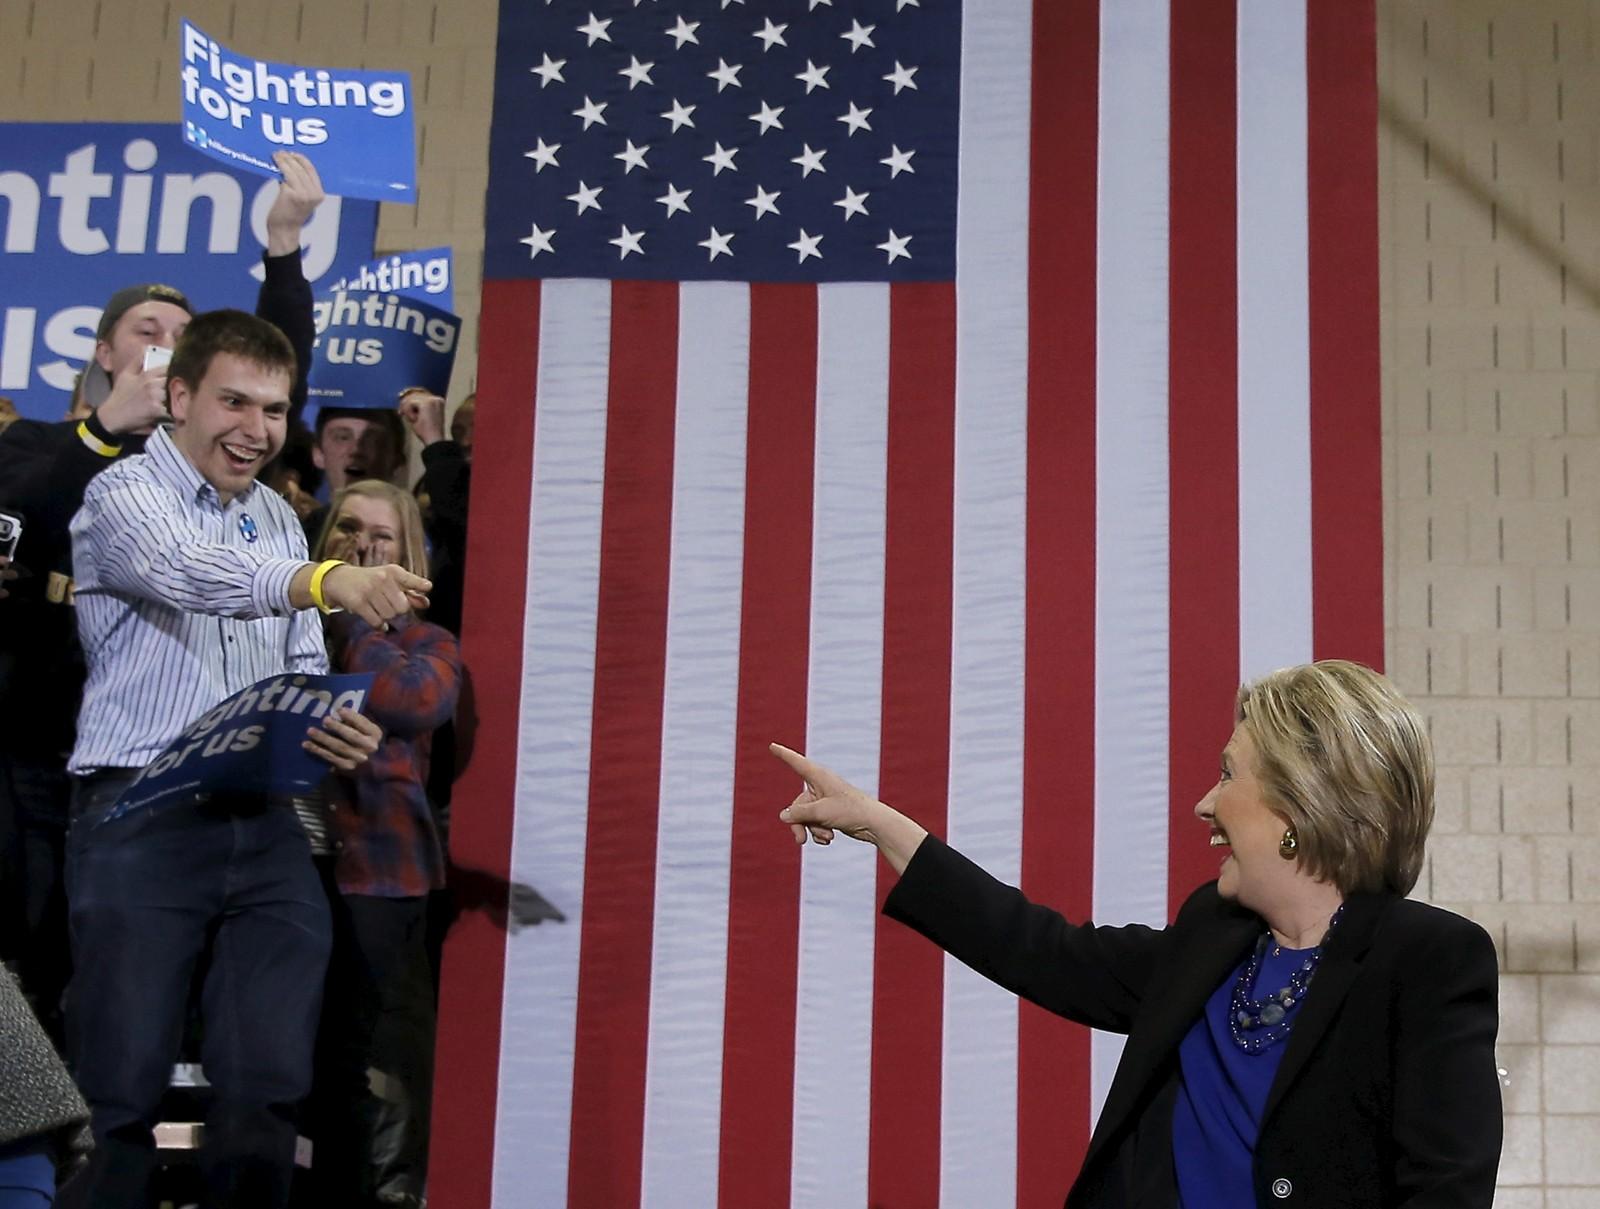 Presidentkandidat Hillary Clinton i medvind pekte på en av sine støttespillere da hun ankom et valgkampmøte i Milwaukee i mars.